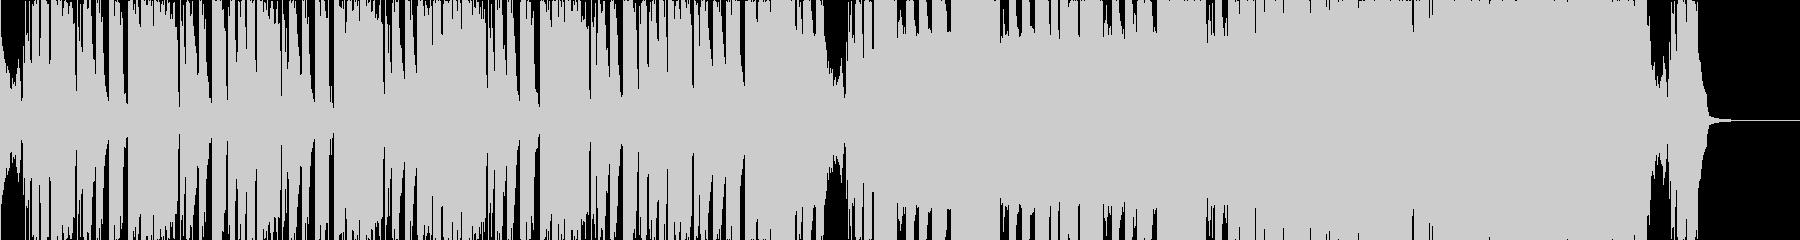 短めなメタルステップの未再生の波形